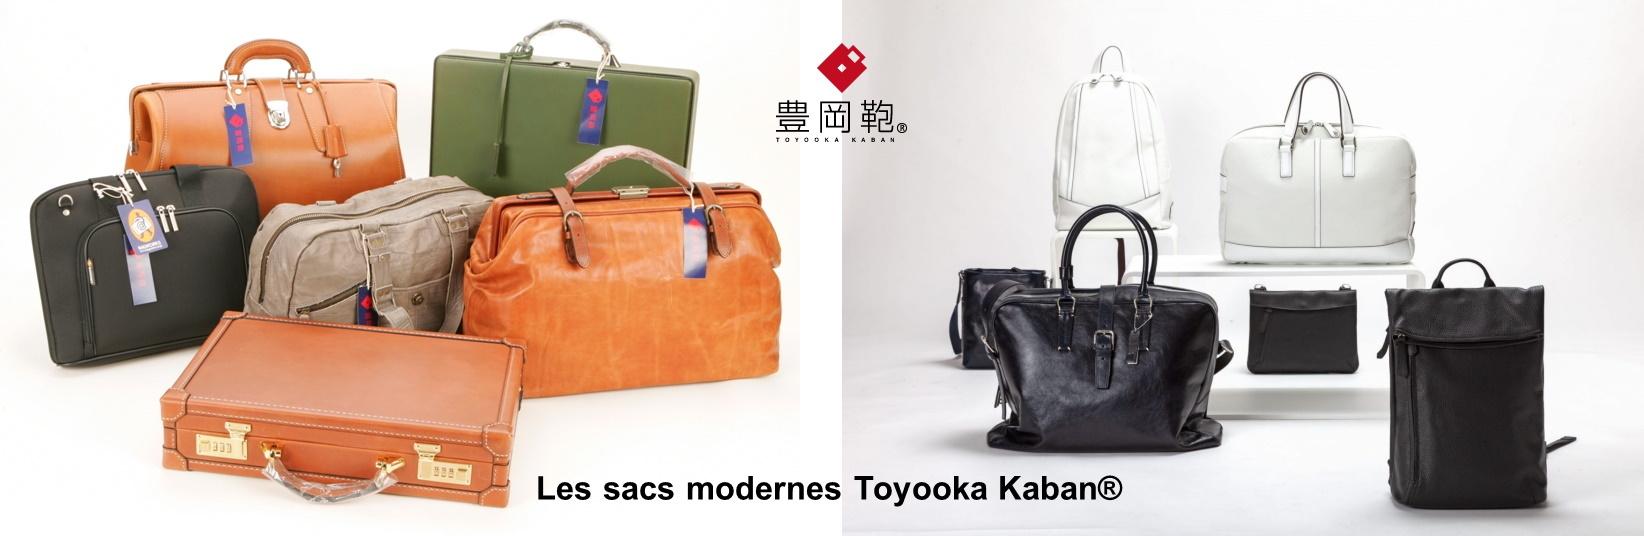 Le dernier artisan de sacs en osier du Japon